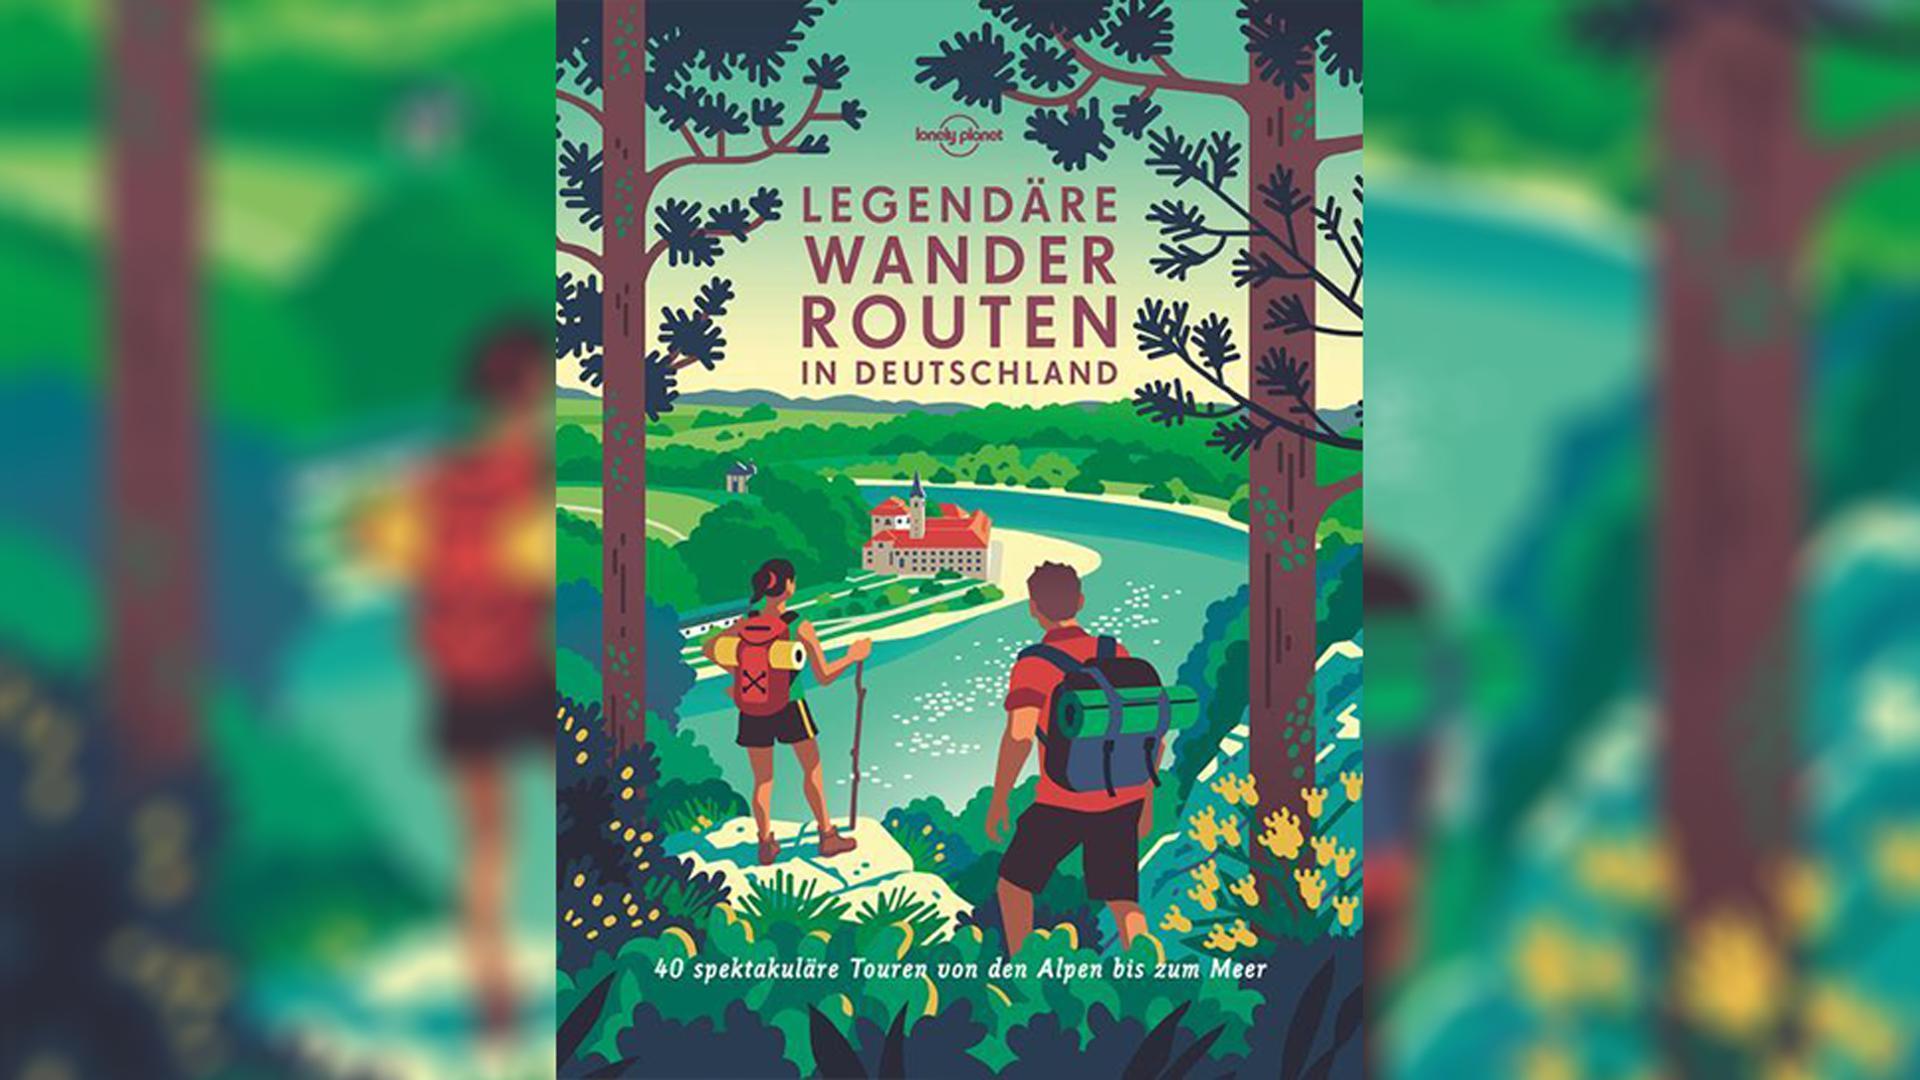 Die Buchempfehlung des Reisebuchladen in Karlsruhe: Legendäre Wanderrouten in Deutschland | Brunswig, Muriel/Eickhoff, Matthias/Reichardt, Julia u a